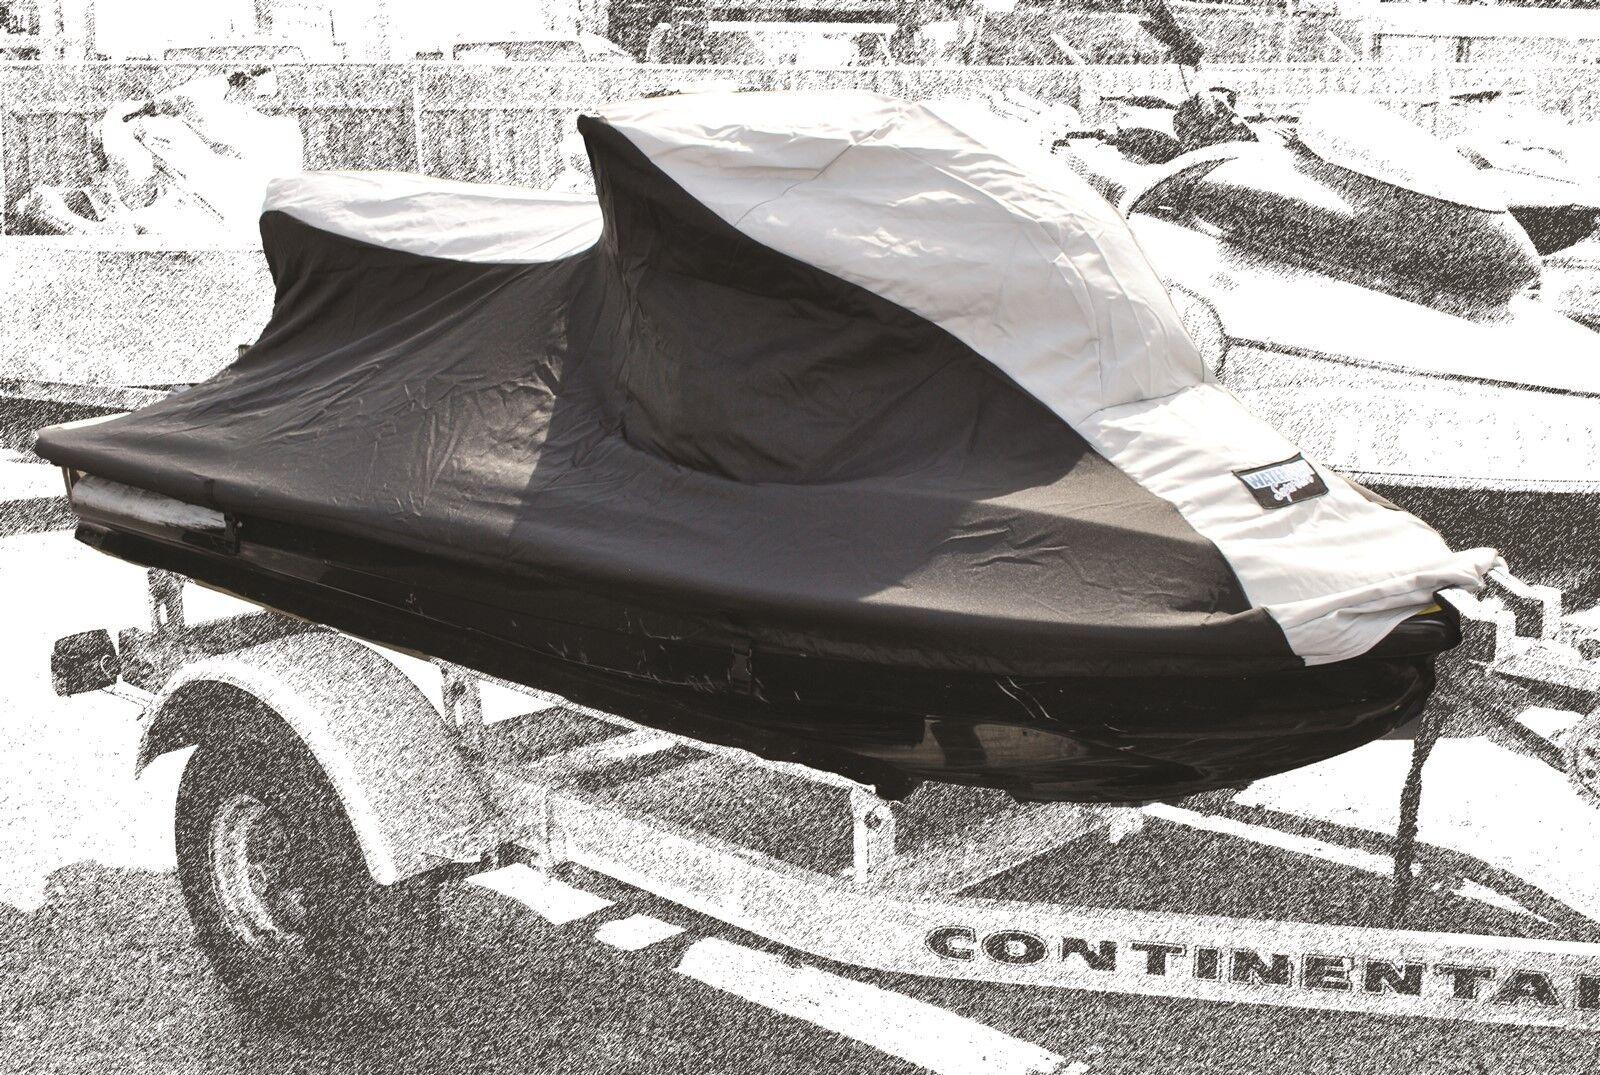 Seadoo Jet Ski Storage Cover 1997-2002 SP 2003 2004 XP DI 1998 1999 XP LTD